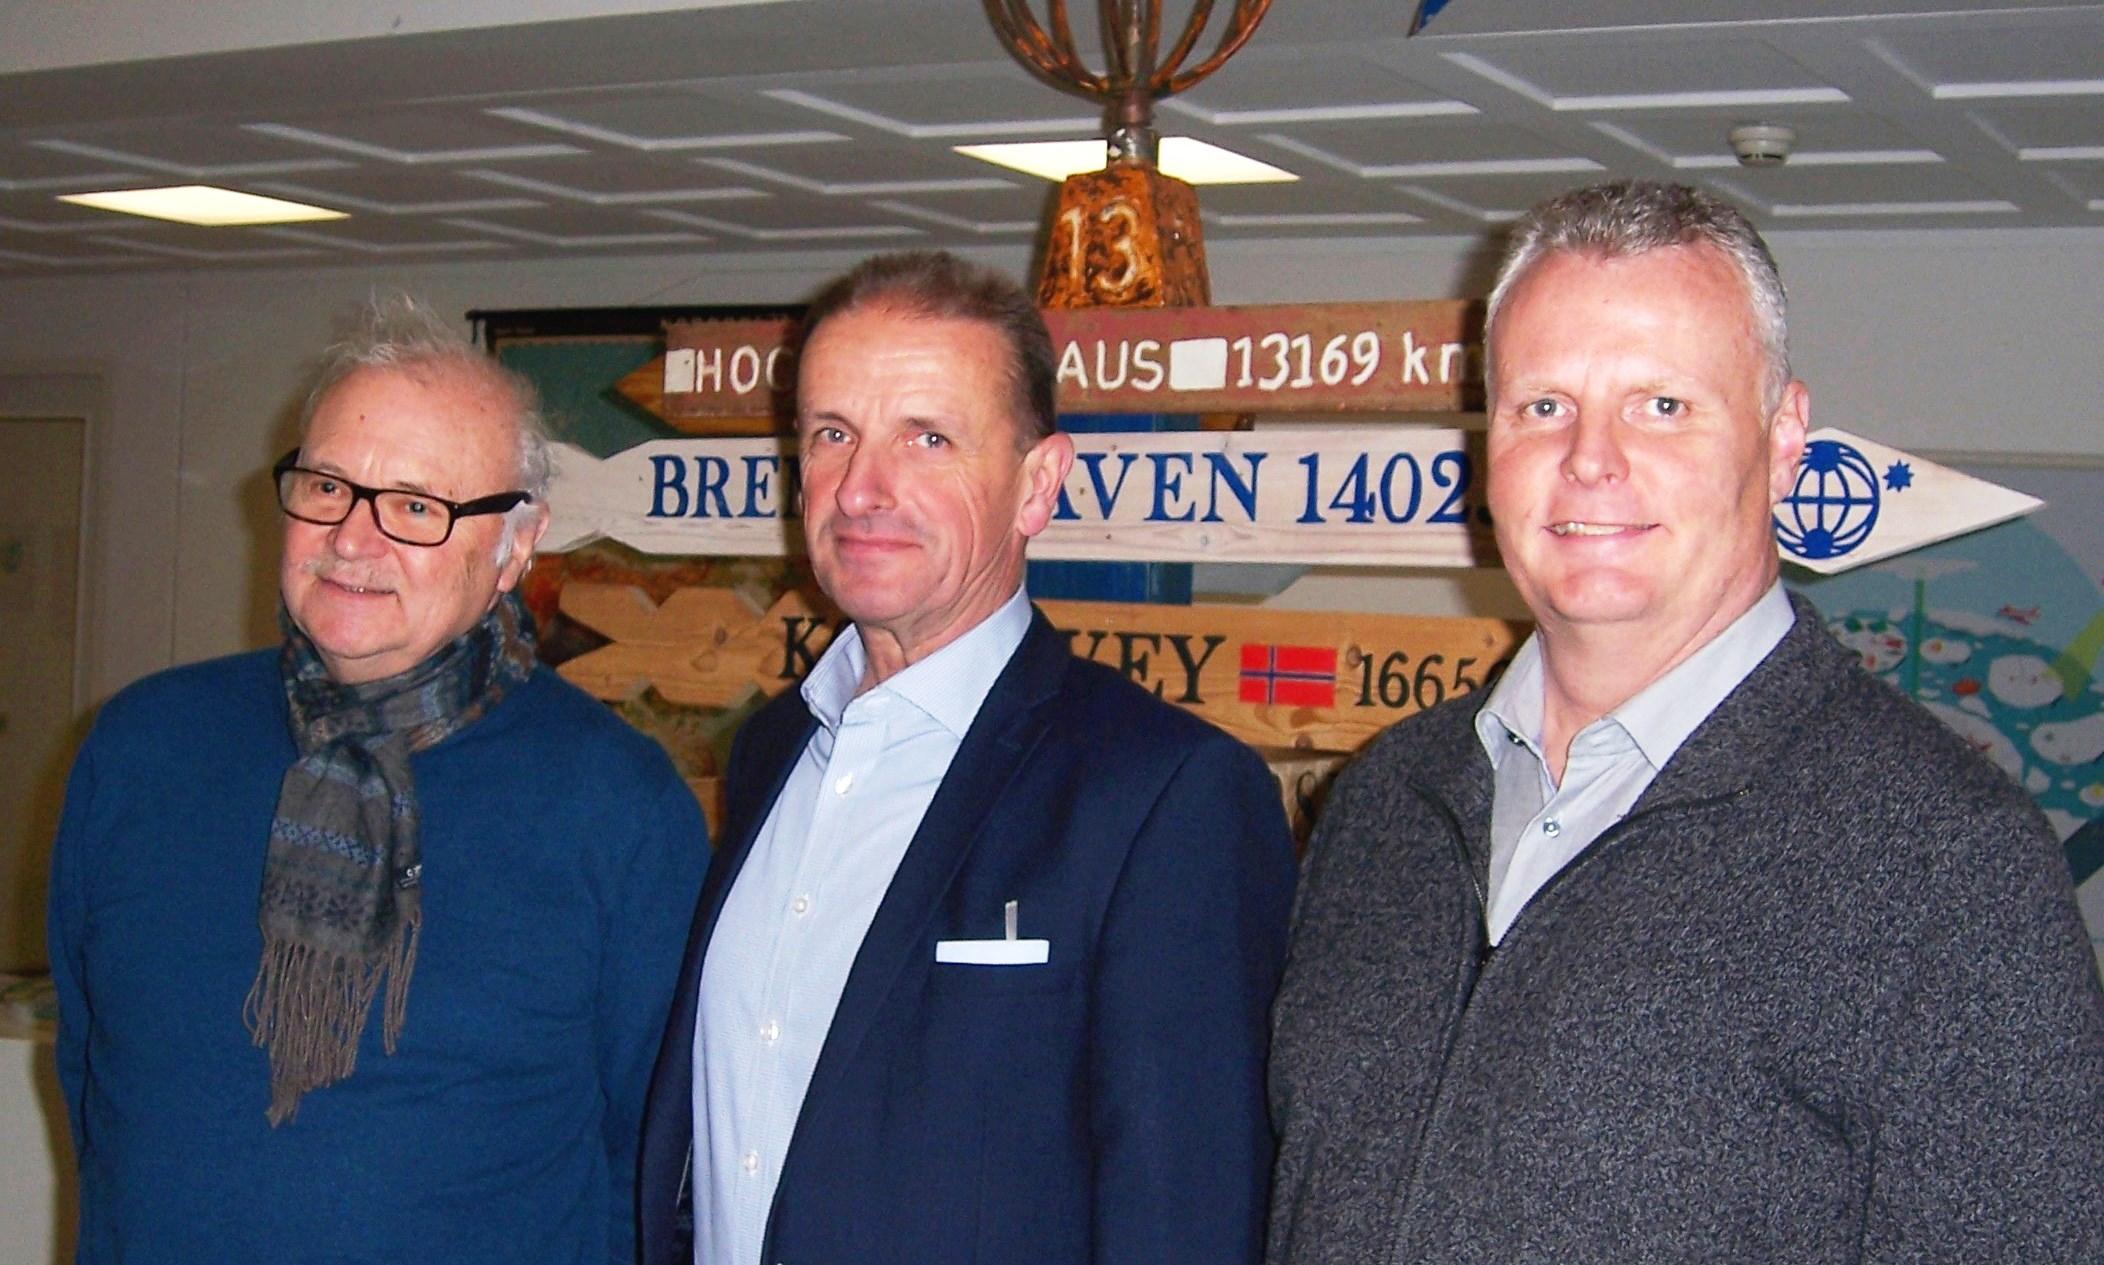 Günter Merkle (v.l.n.r.) mit Regionalverbandsdirektor Hennig Brandes und Volker Meier informierten sich beim Alfred-Wegener-Institut in Bremerhaven zum Klimawandel